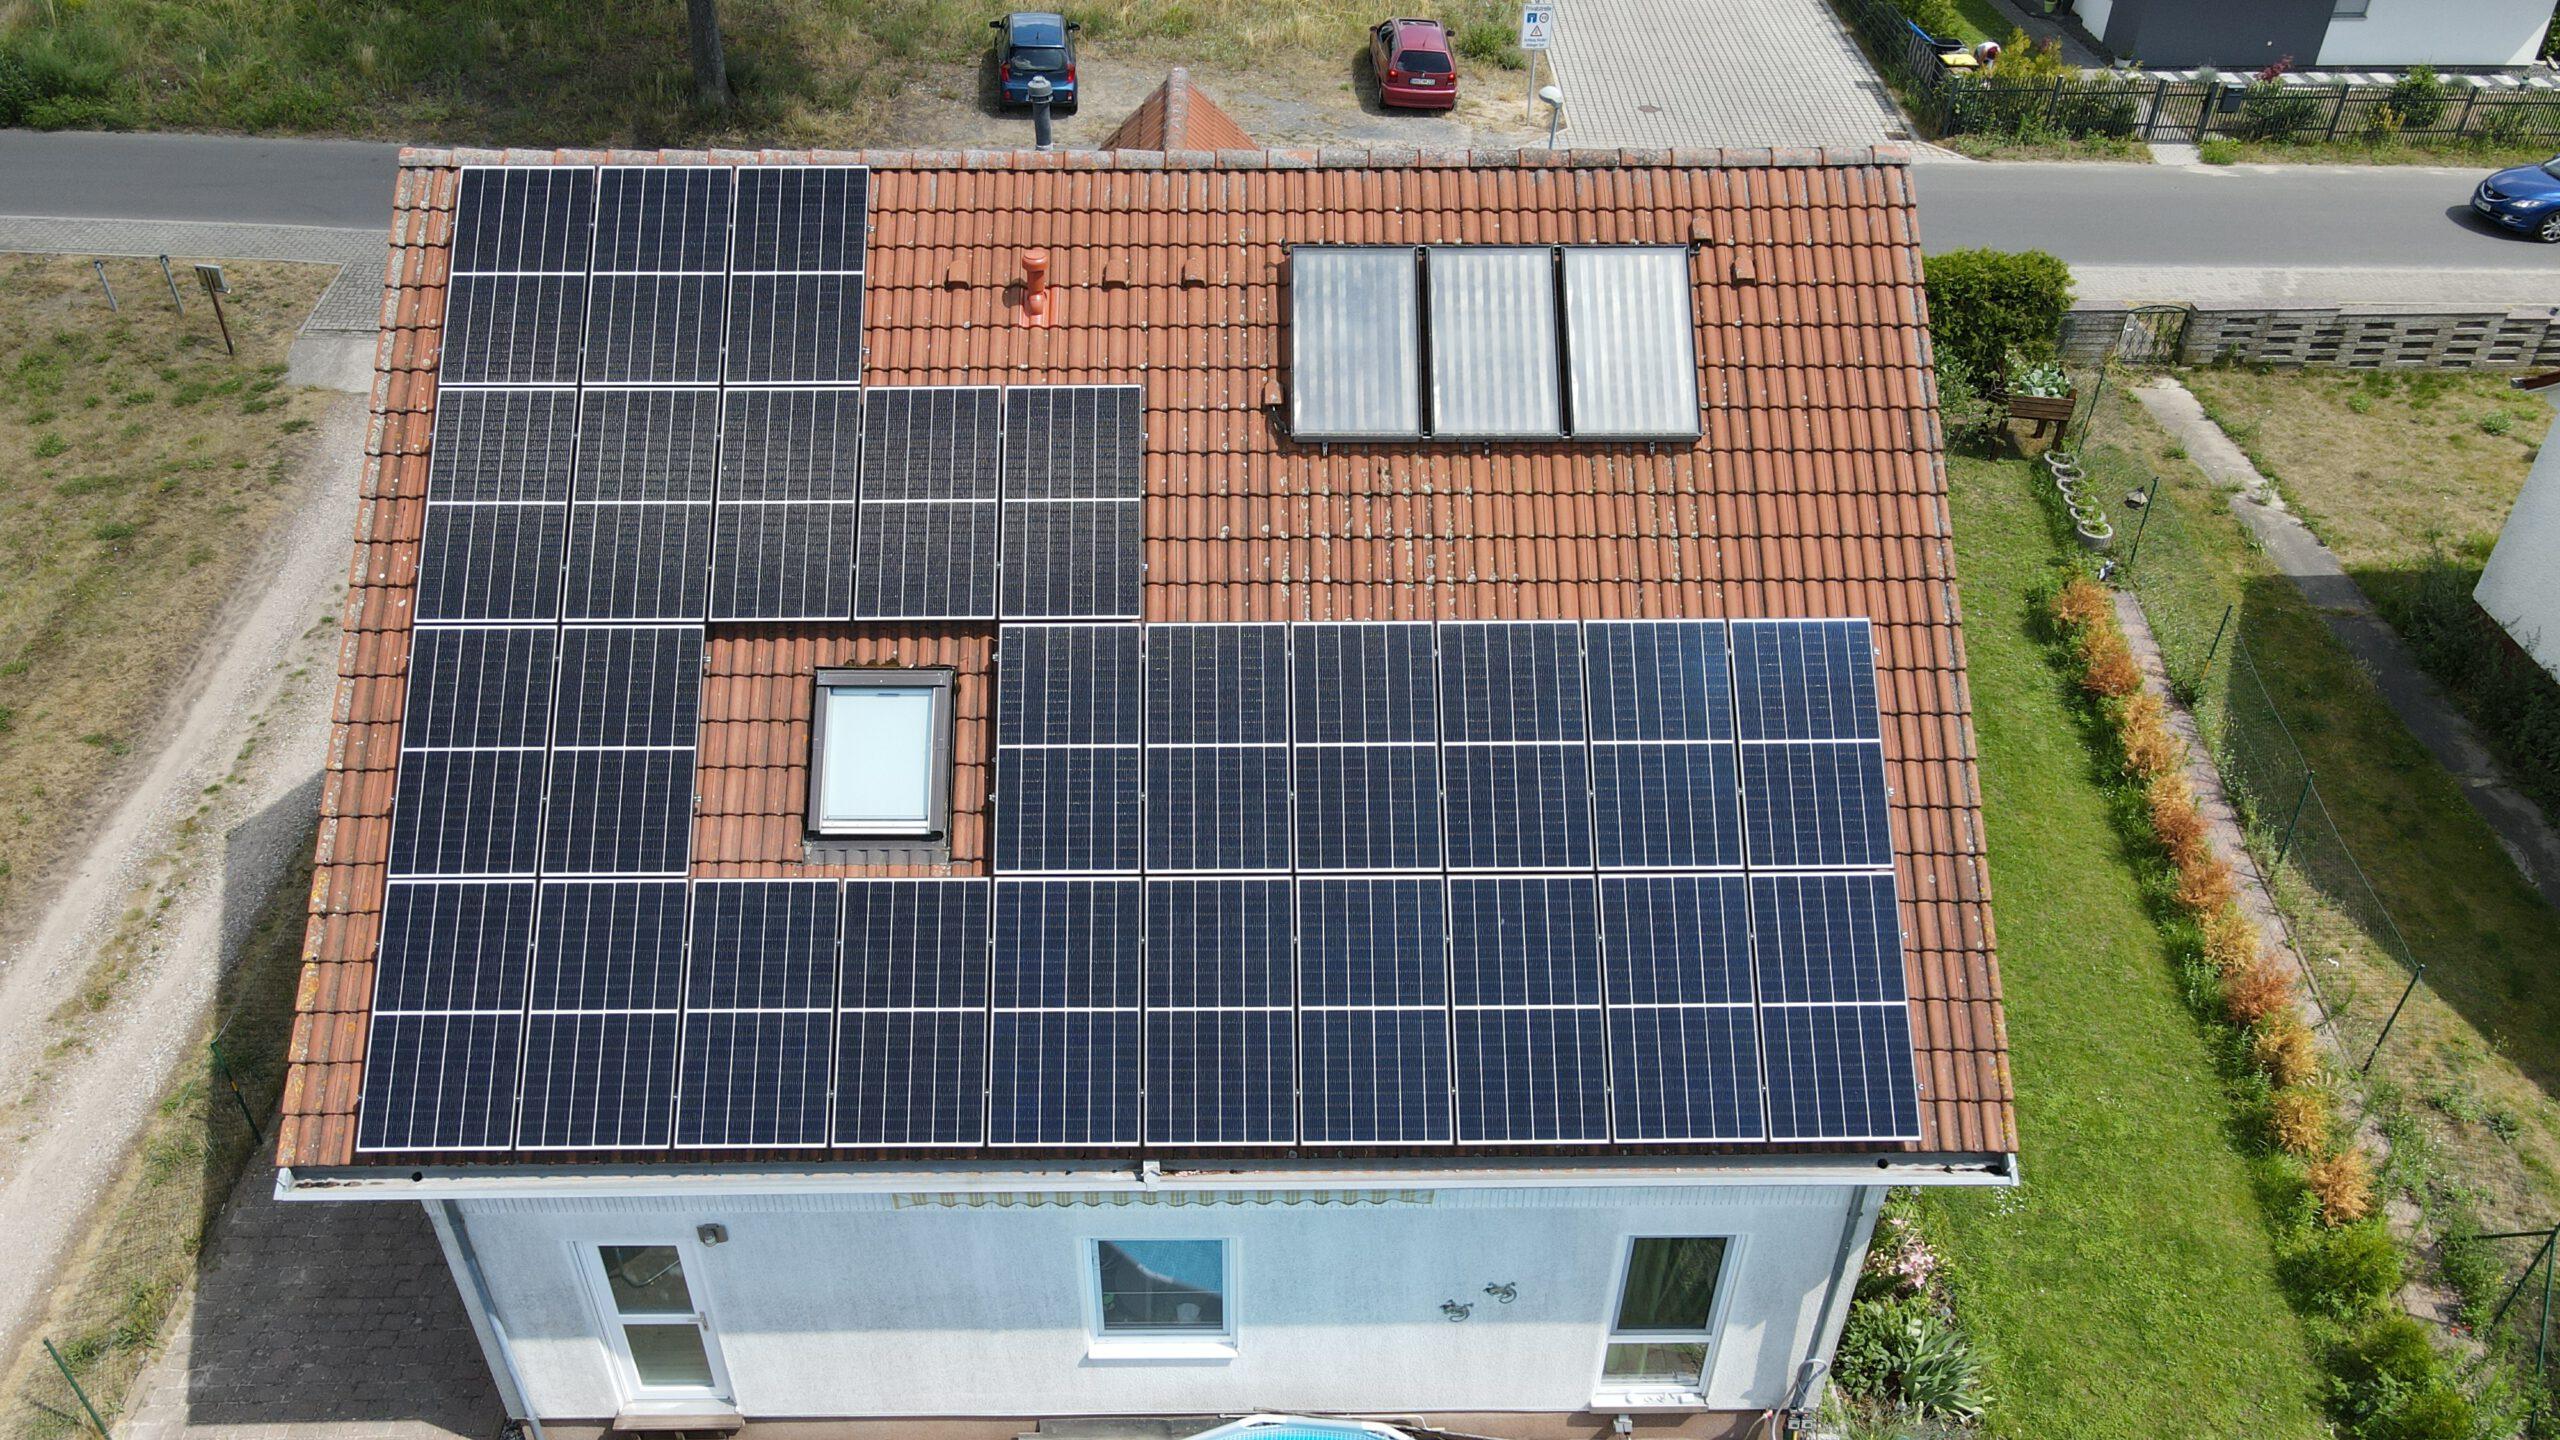 oberkraemer solar panele 300x169